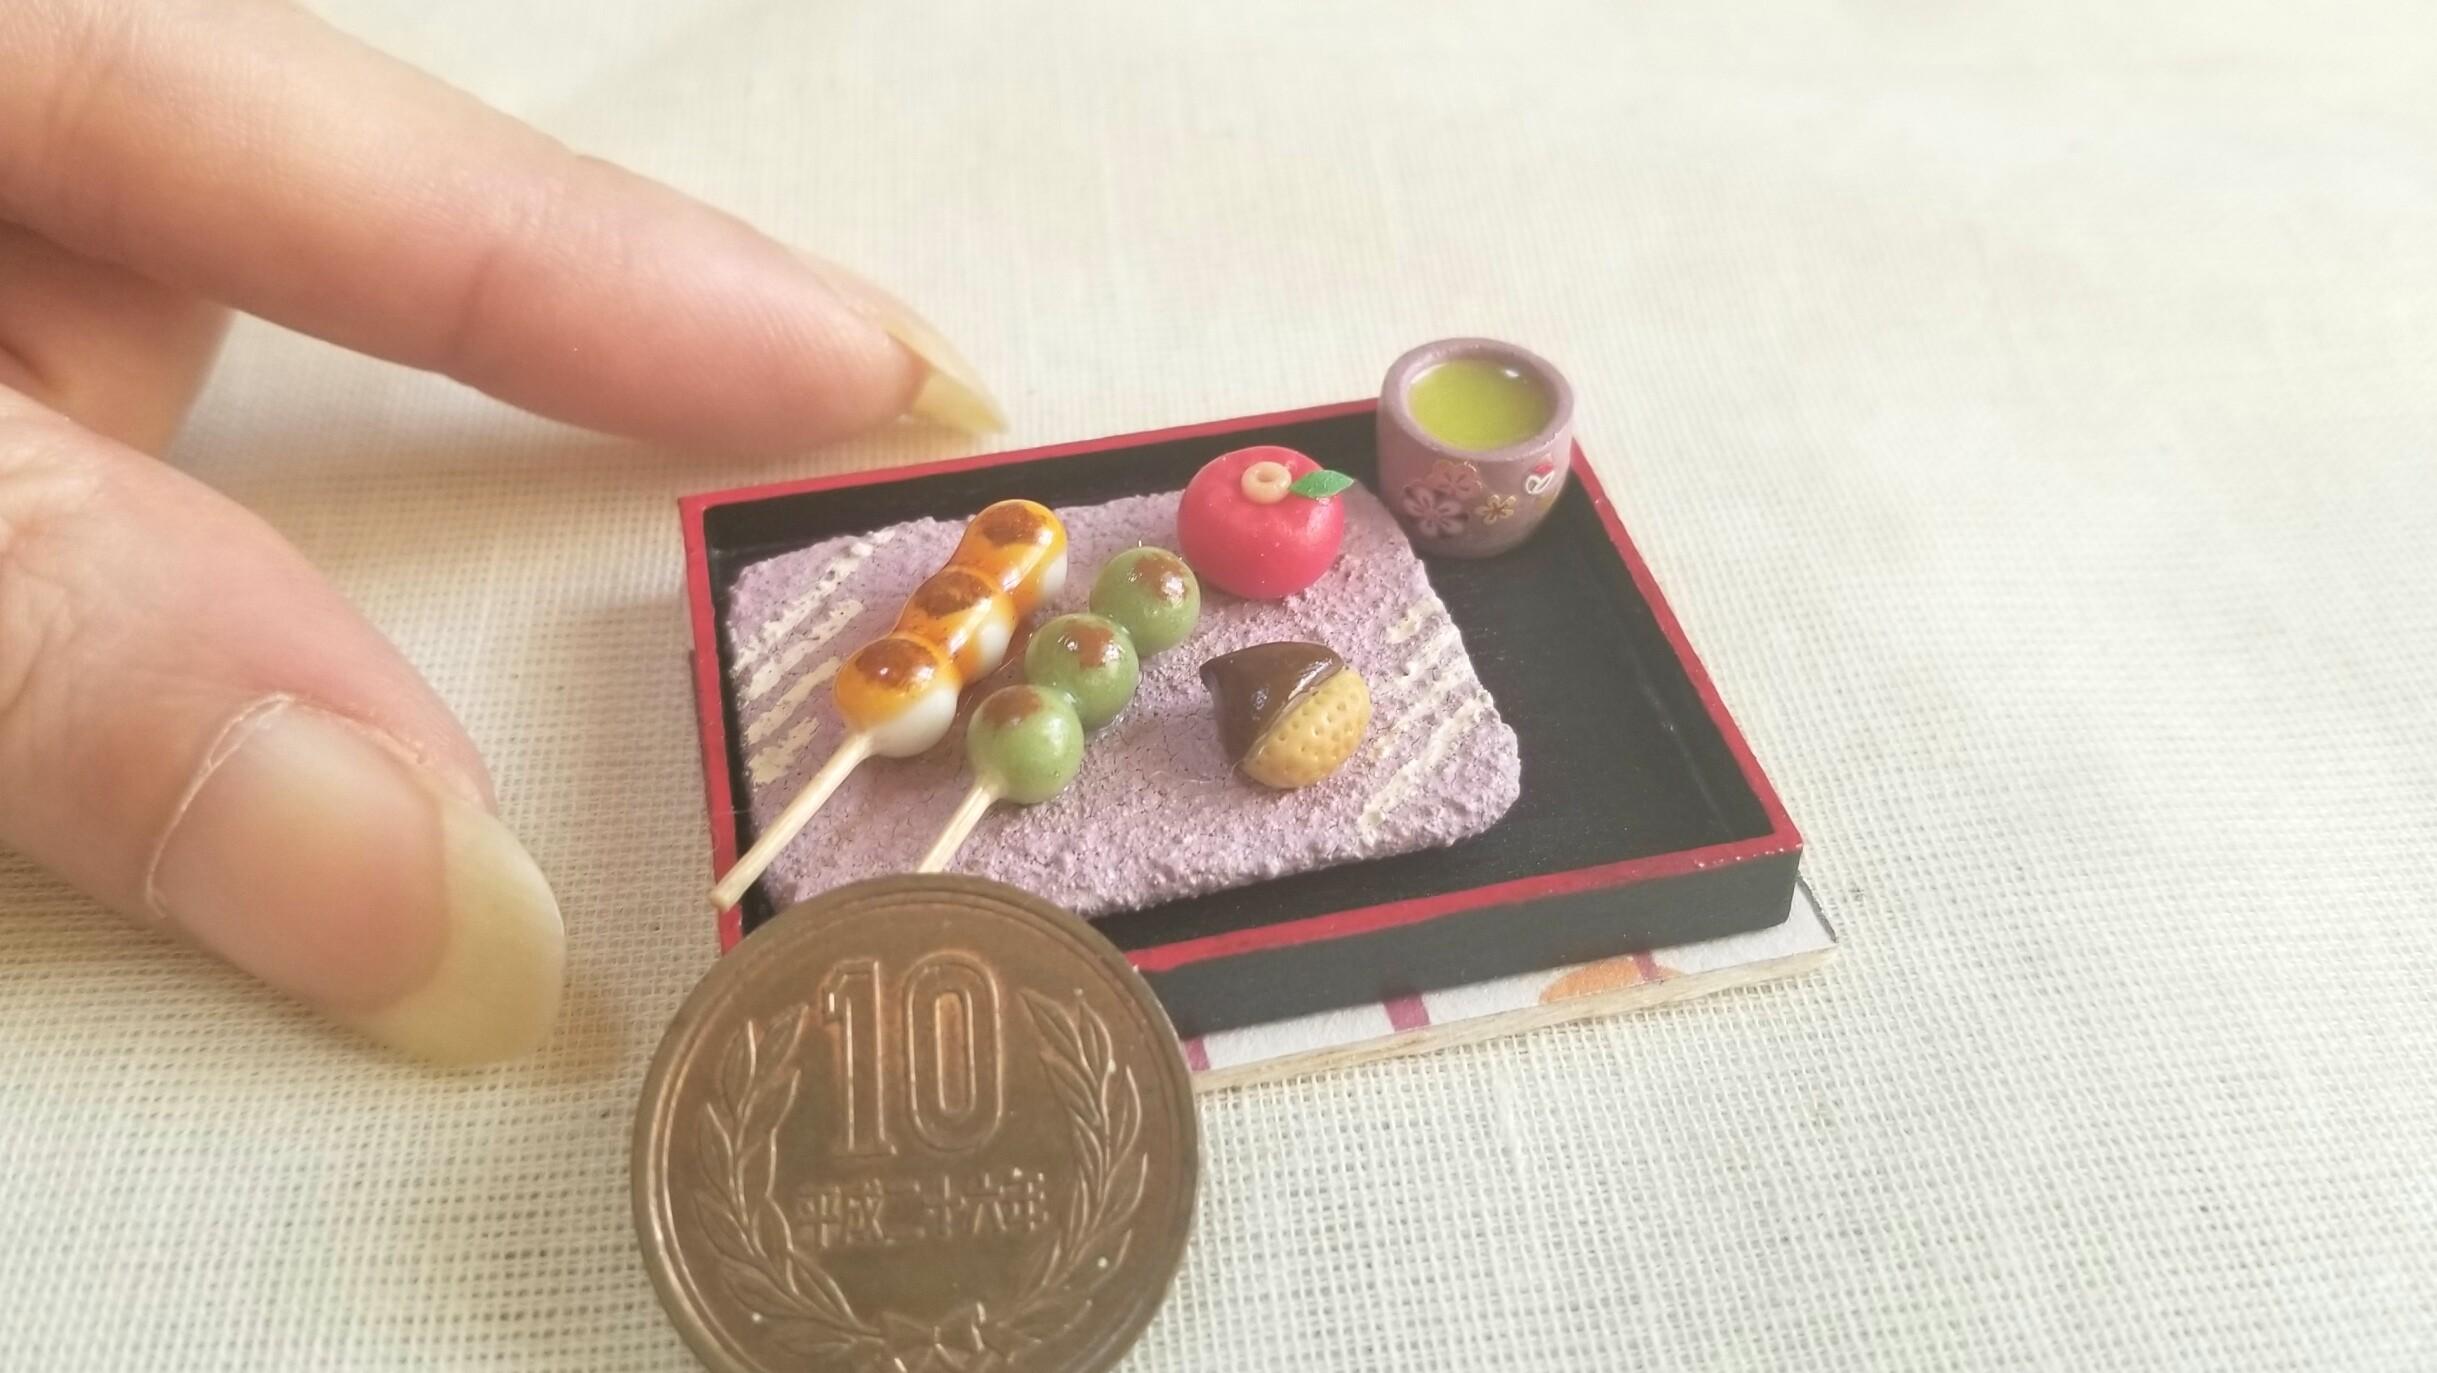 おいしい手作り和菓子団子練り切りアート人気おすすめ綺麗なかわいい